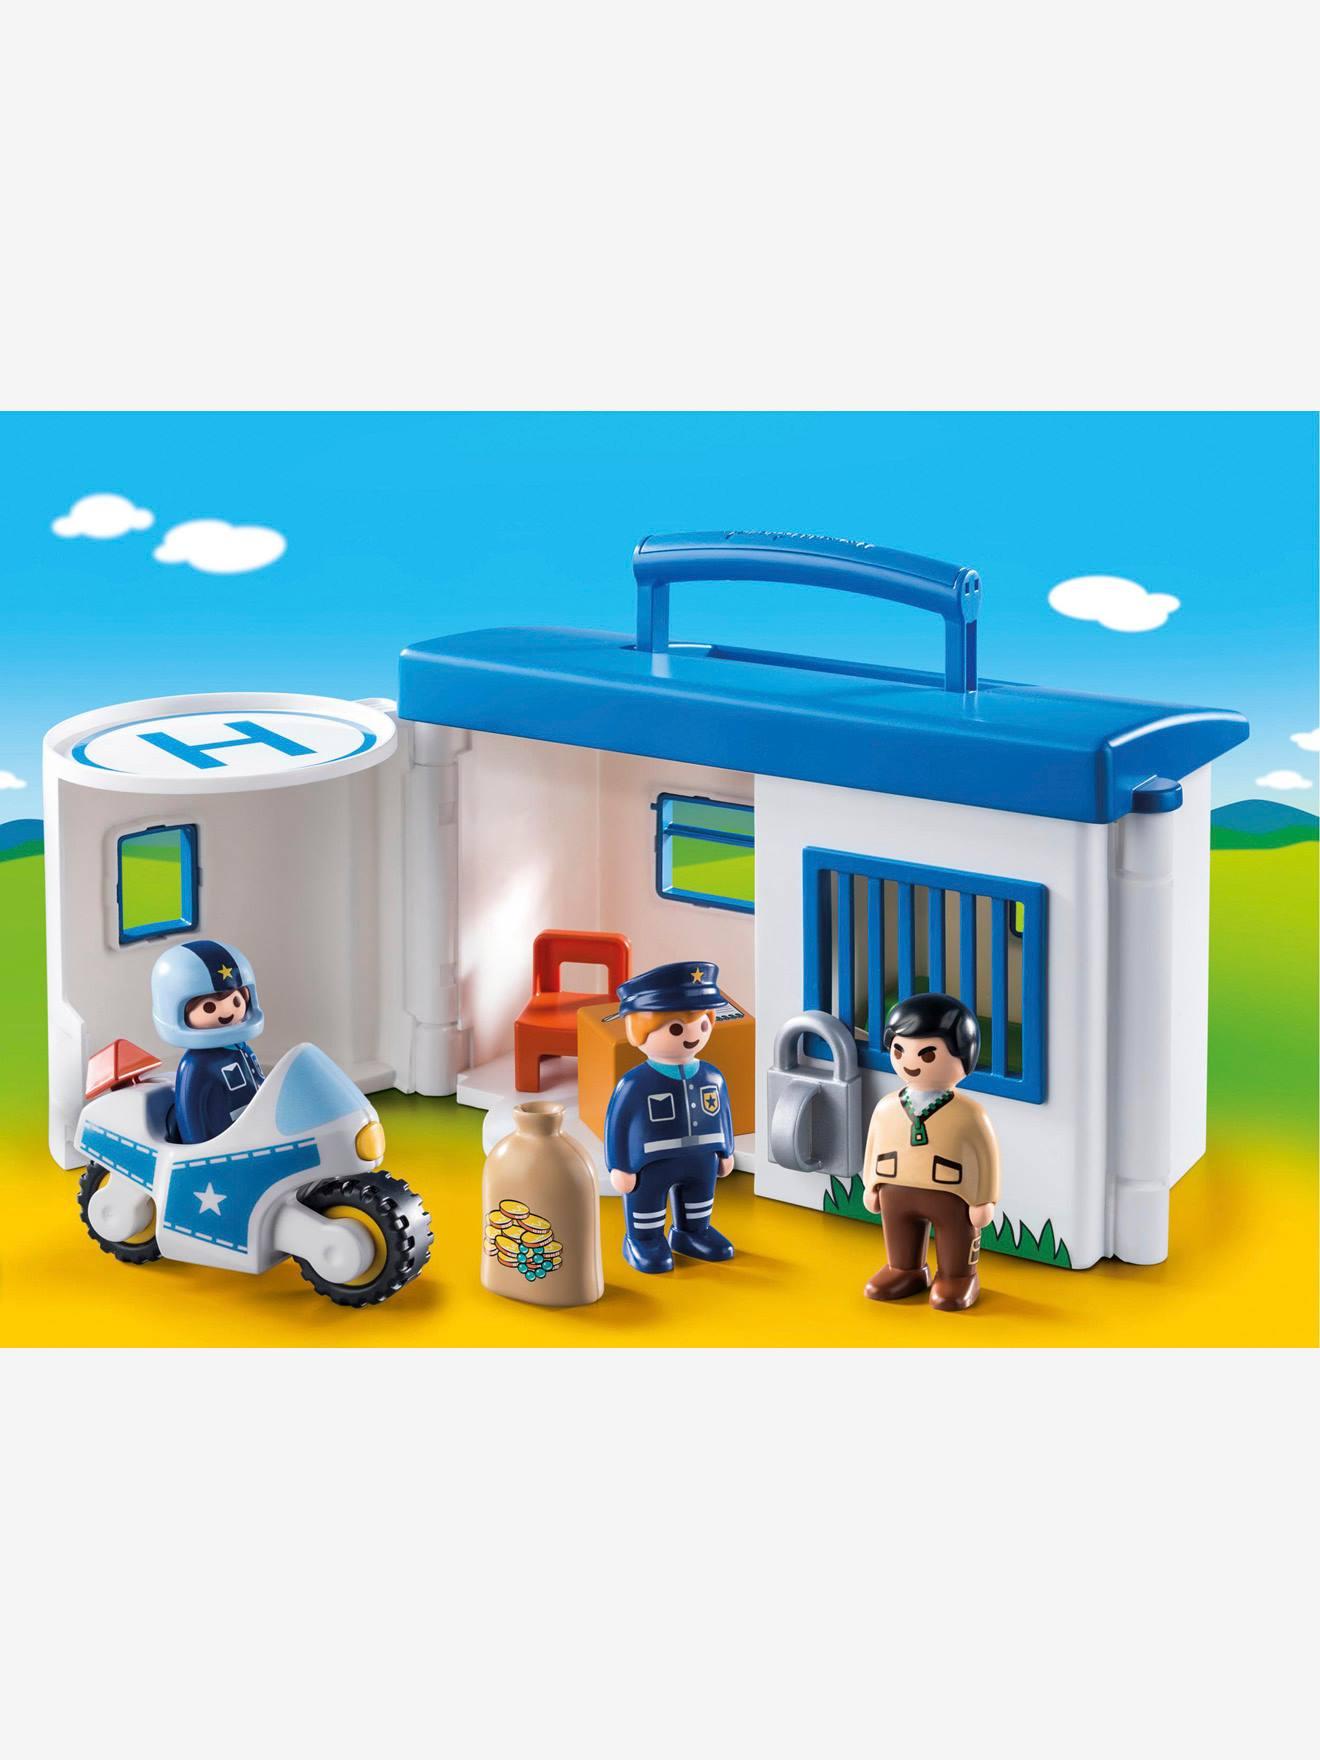 """Playmobil 1.2.3 9382 """"Meine Mitnehm-Polizeistation"""" Playmobil® In Mehrfarbig über Polizeiwache Playmobil"""